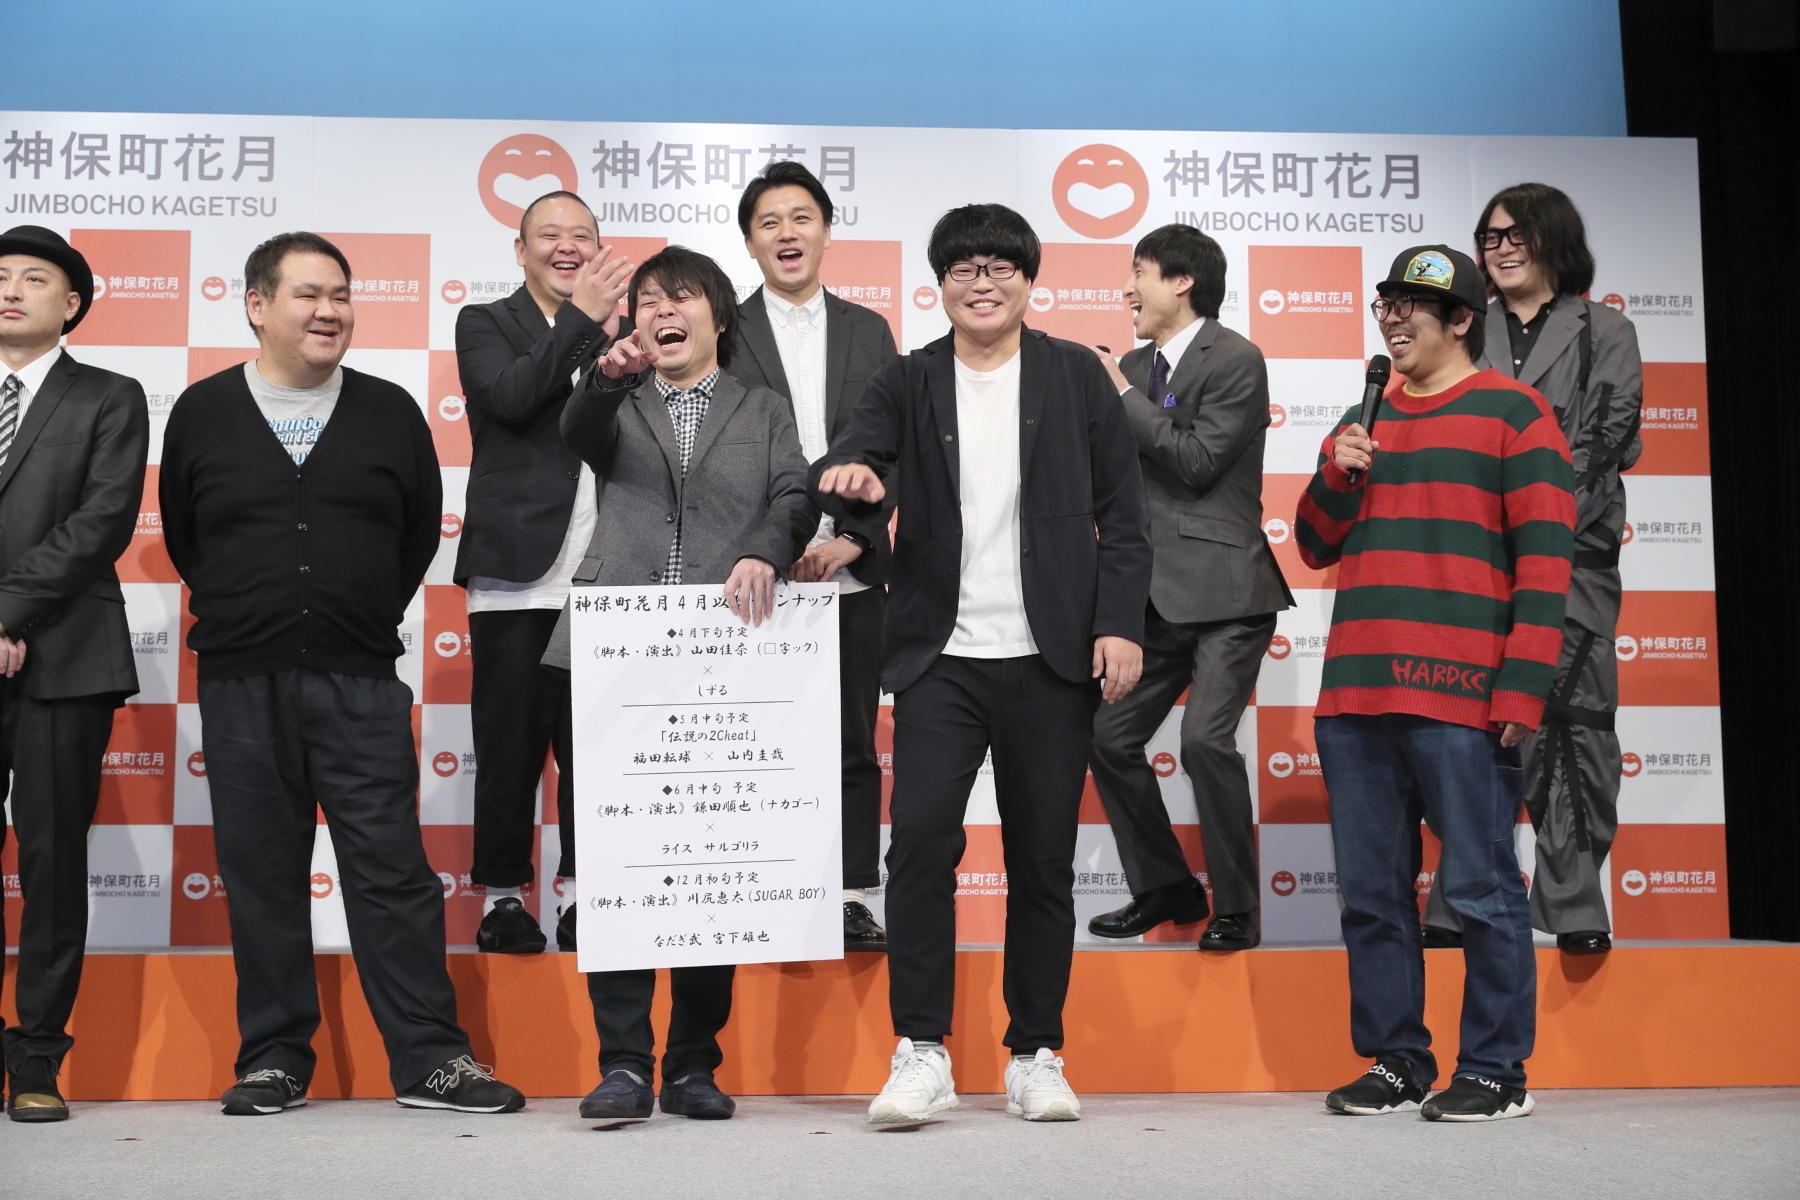 http://news.yoshimoto.co.jp/20181204214420-03e4d72c079b55649e0df86097fa8461d2c14ba7.jpg